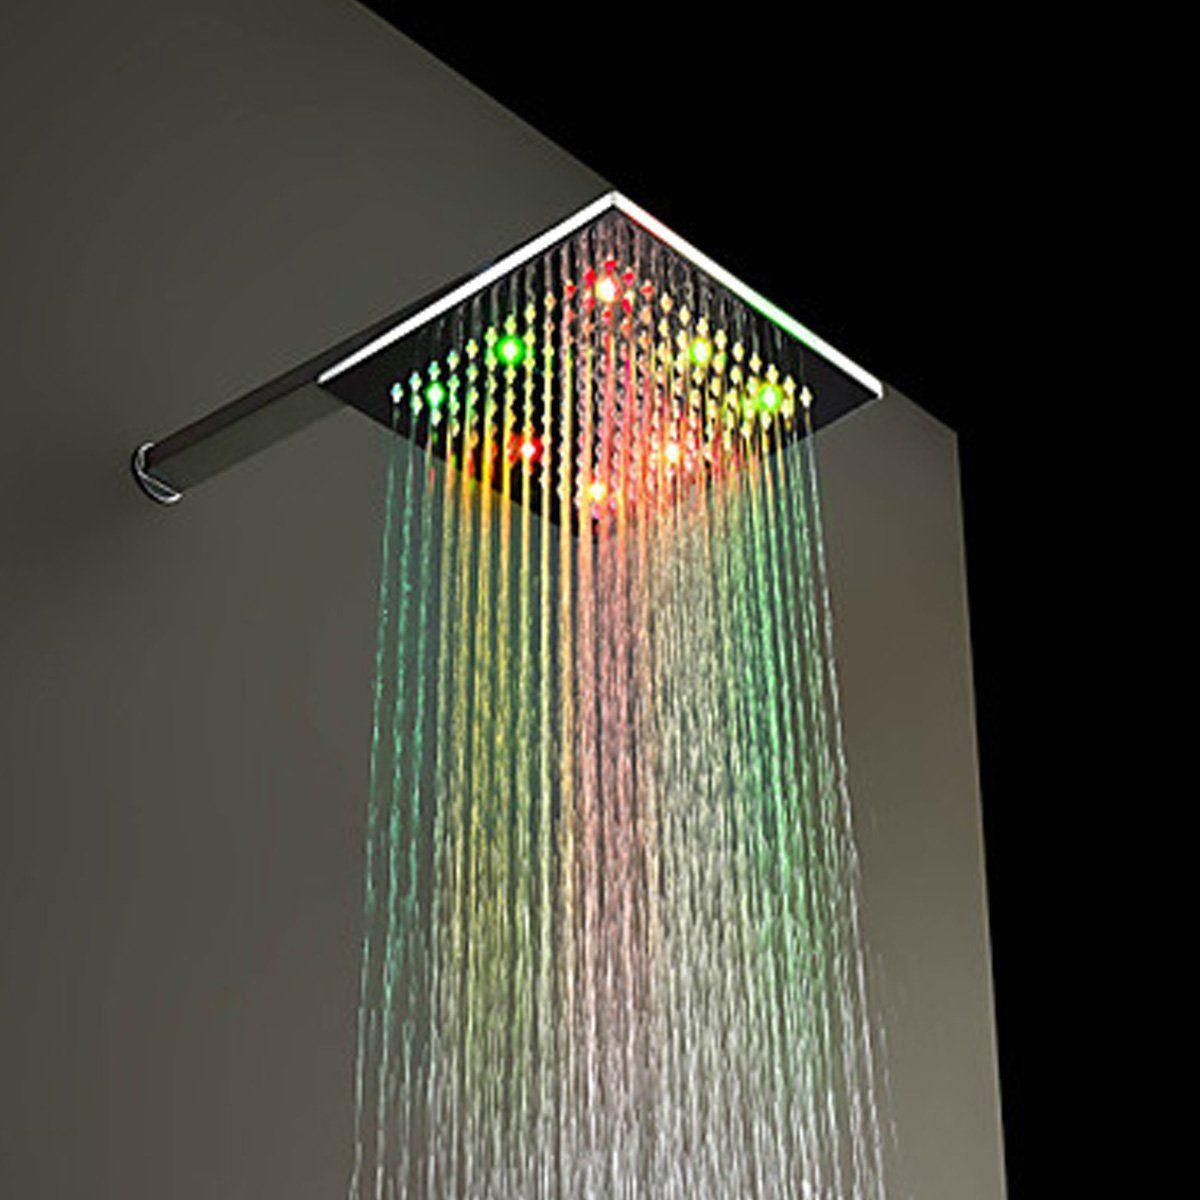 Shower Head With Color Led Lights Led Shower Head Shower Heads Copper Shower Head